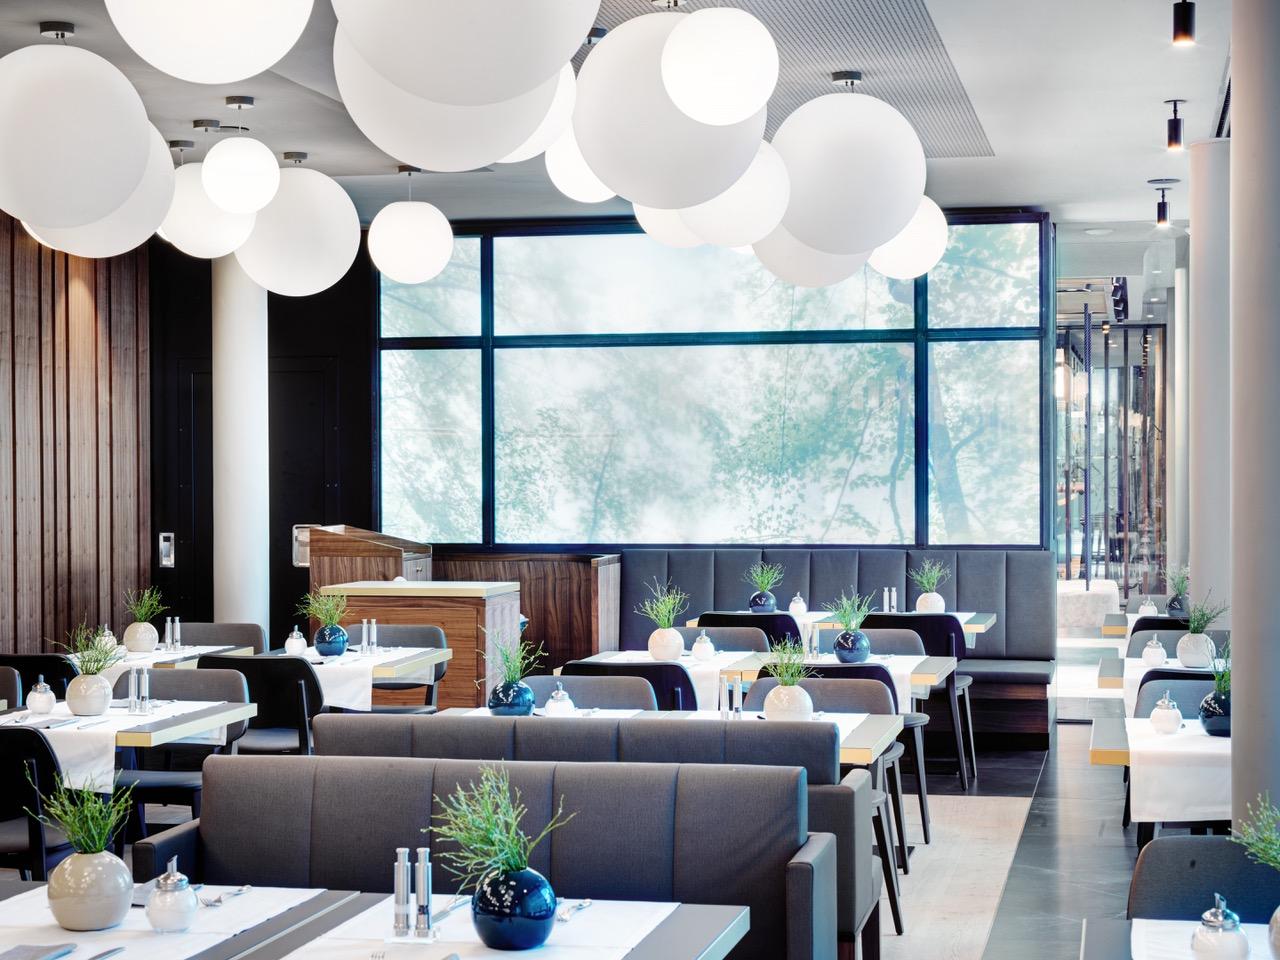 Restaurant mit Ausblick - STAGE 12 in Innsbruck